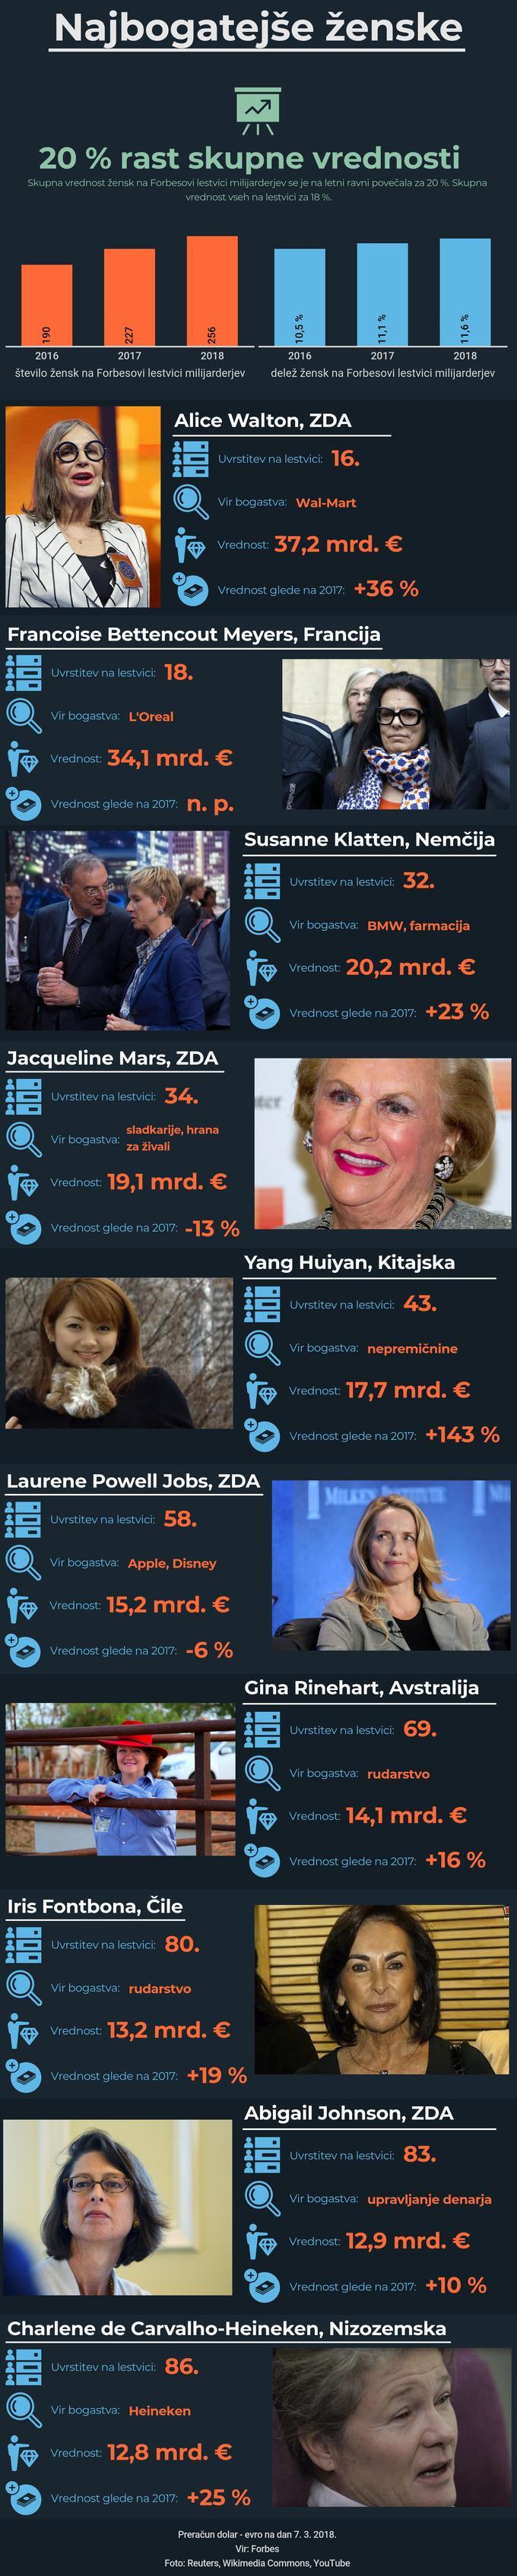 Najbogatejše ženske 2018